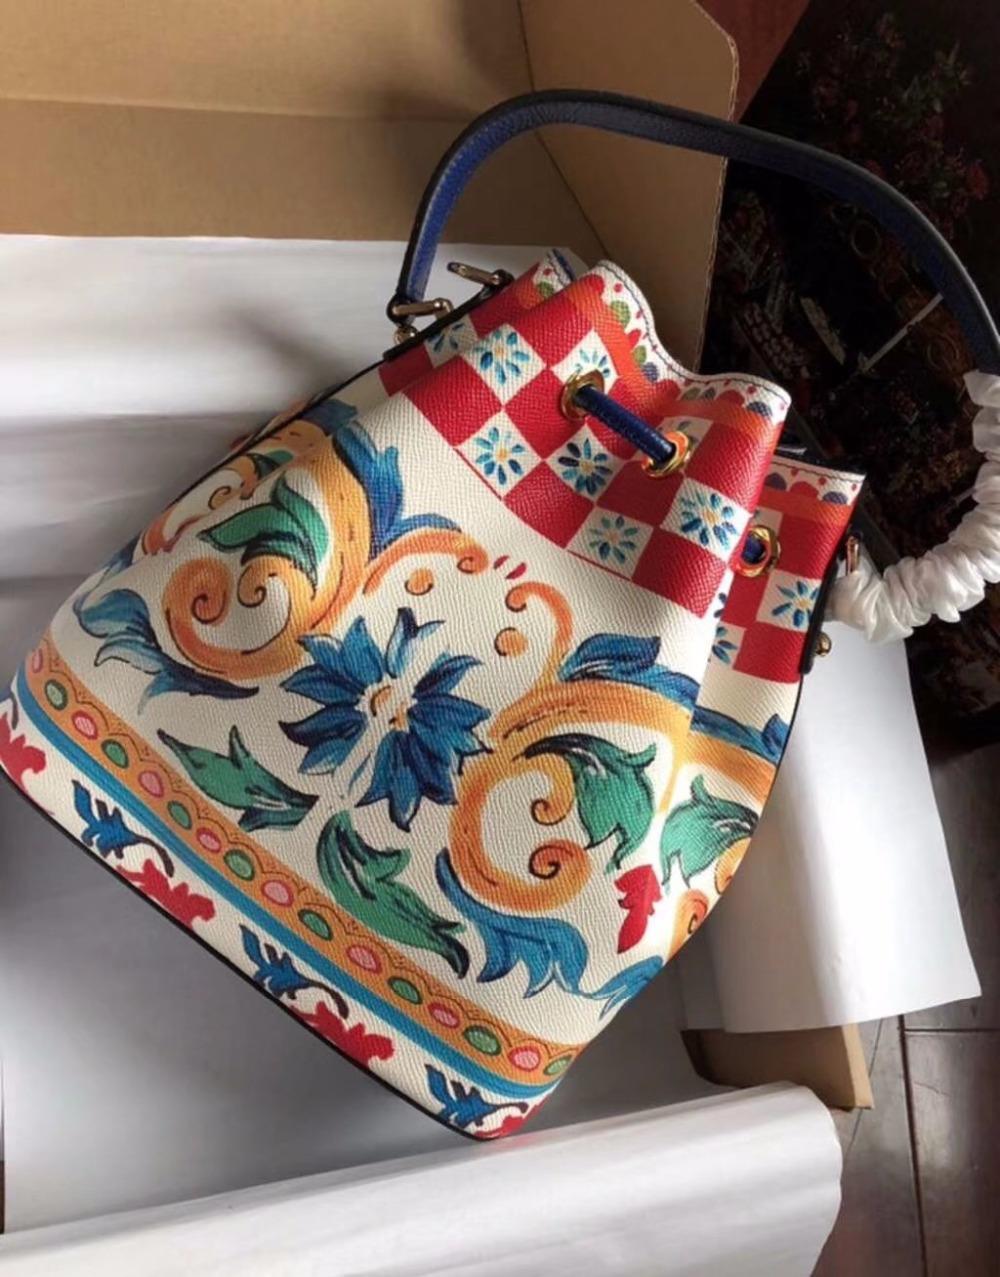 9cc1bd9674391 Großhandel WW0812 100% Echtes Leder Luxus Handtaschen Frauen Taschen  Designer Crossbody Taschen Für Frauen Berühmte Marke Runway Von  Chongyangclothes004